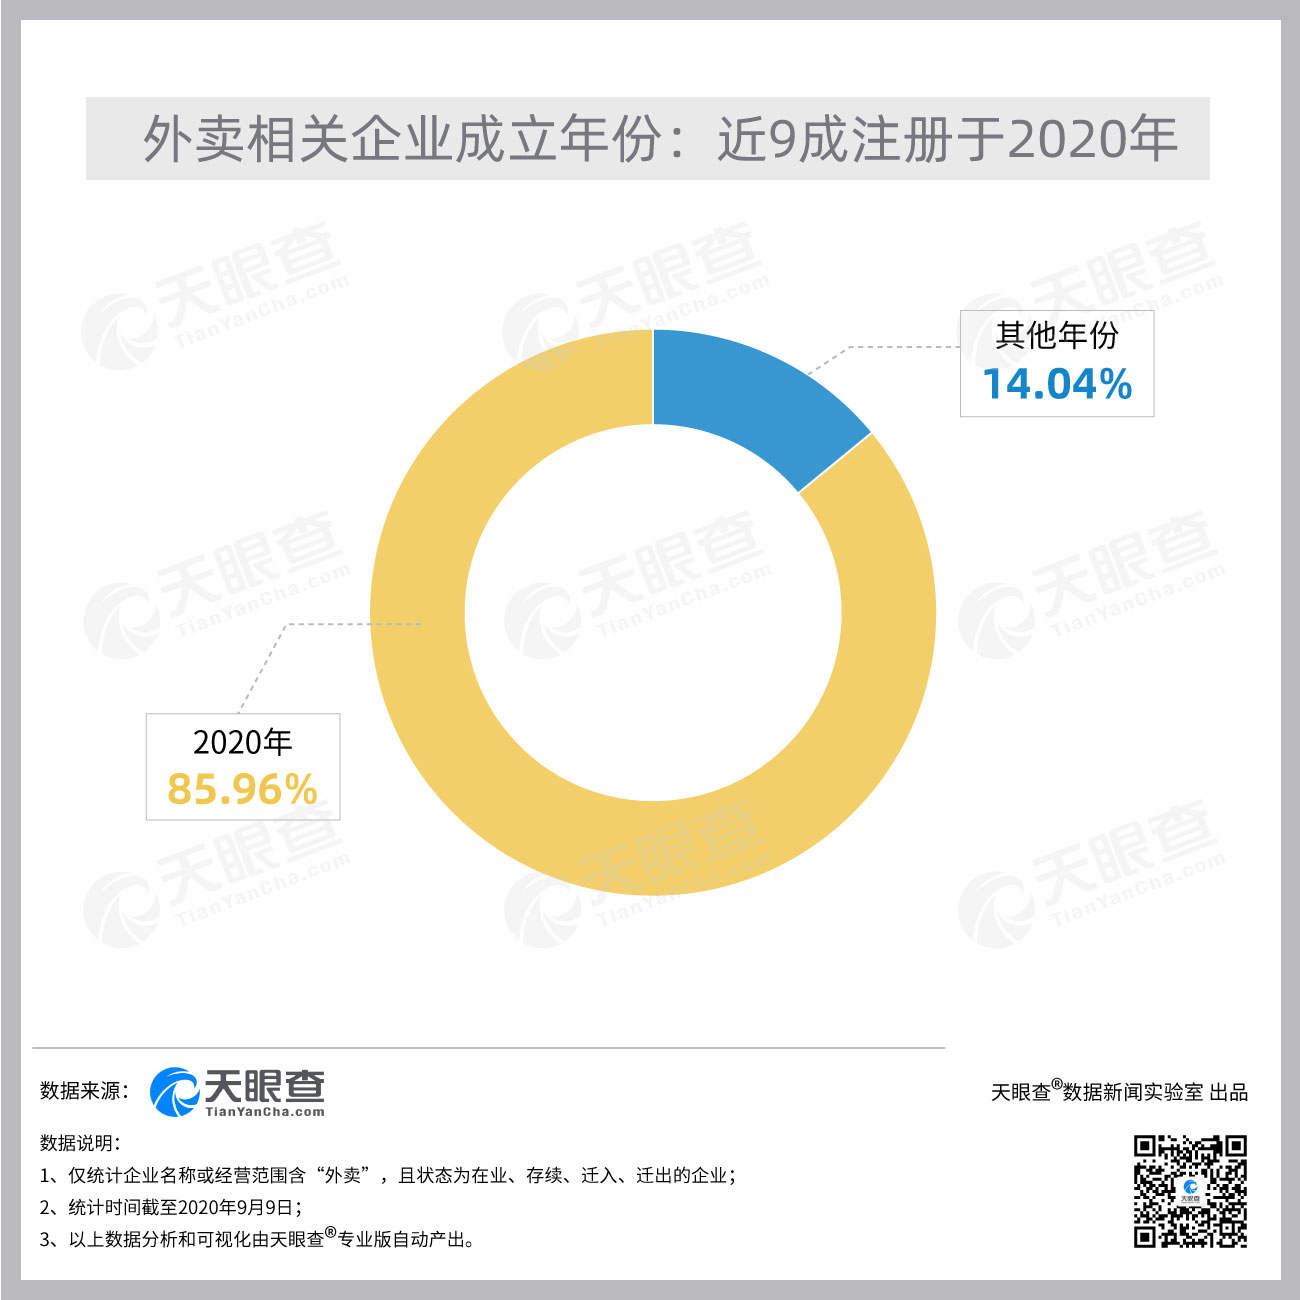 中国今年新增外卖相关企业超过38万,同比增长1364%